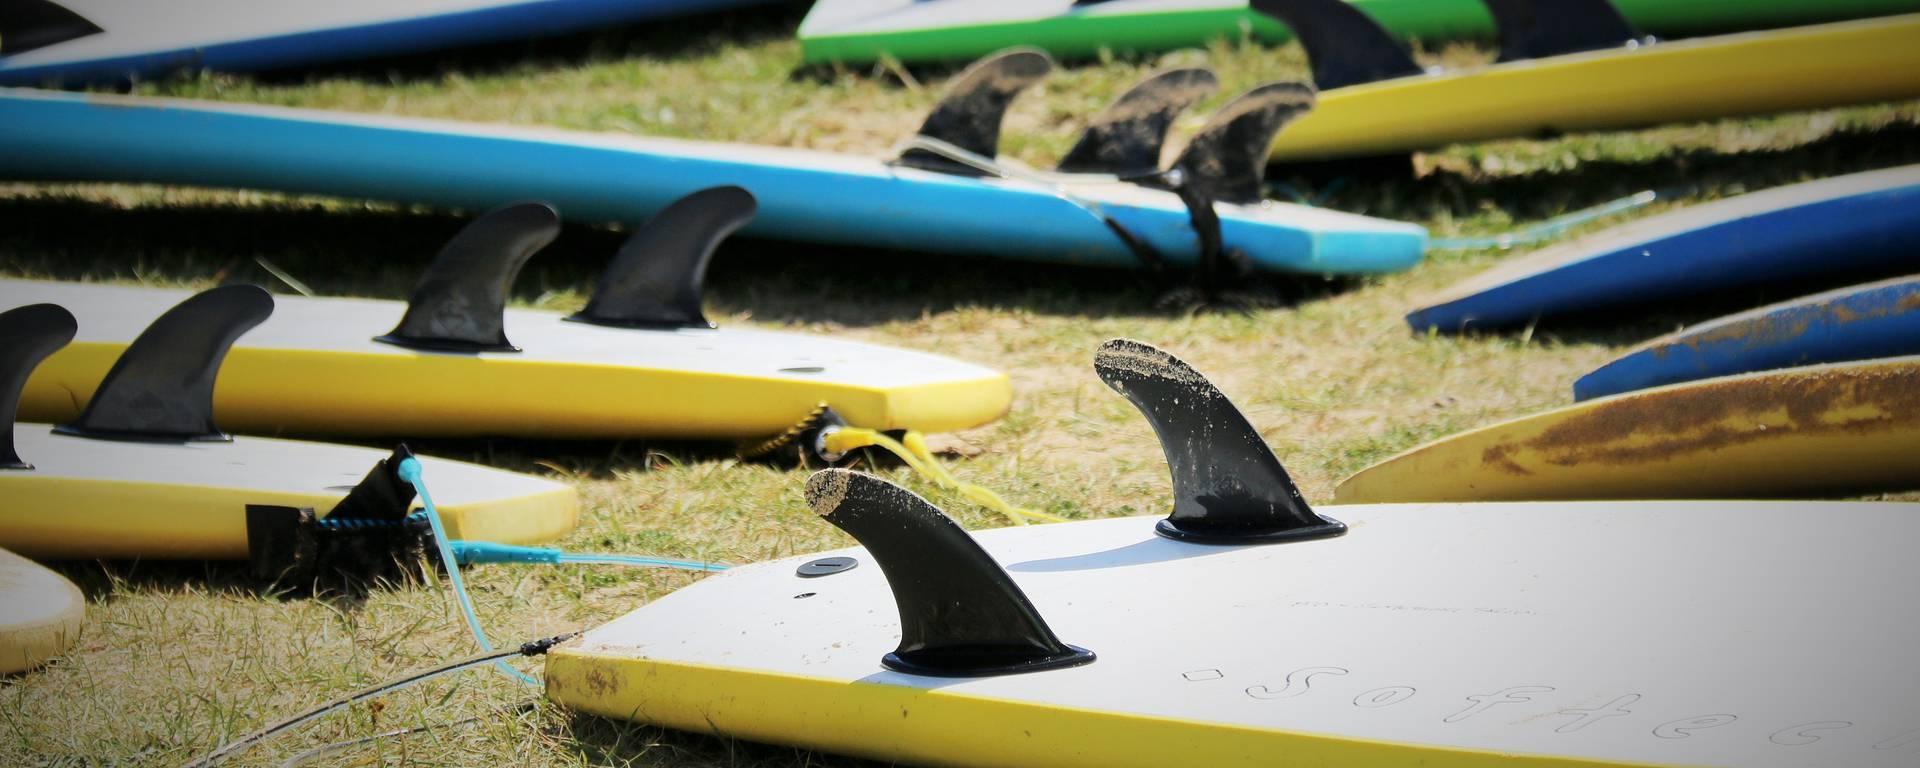 Cours de surf sur la plage par Lesley Williamson